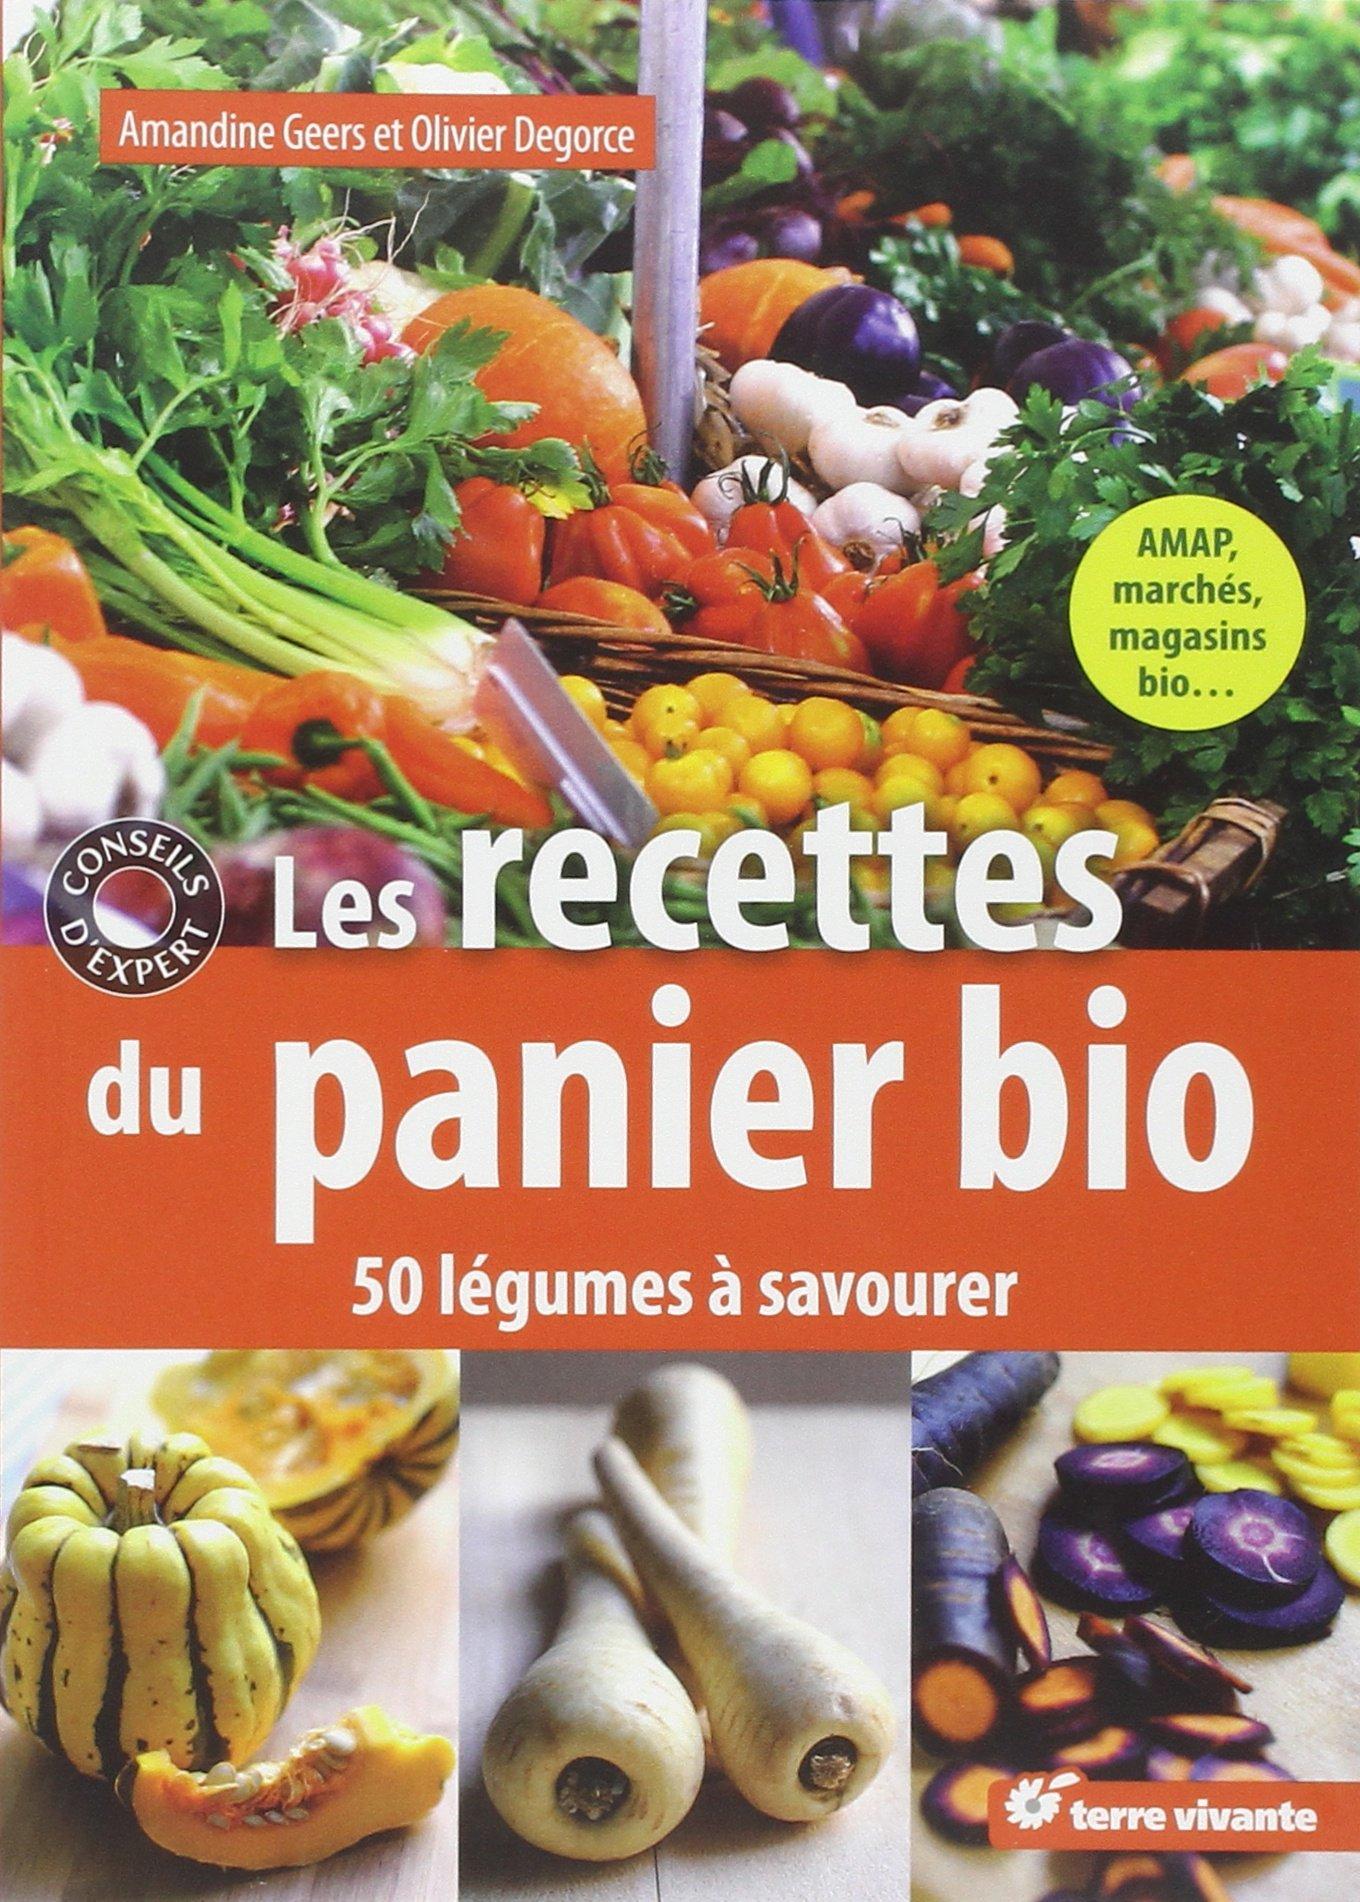 92ff02133ae Amazon.fr - Les recettes du panier bio   50 légumes à savourer - Amandine  Geers